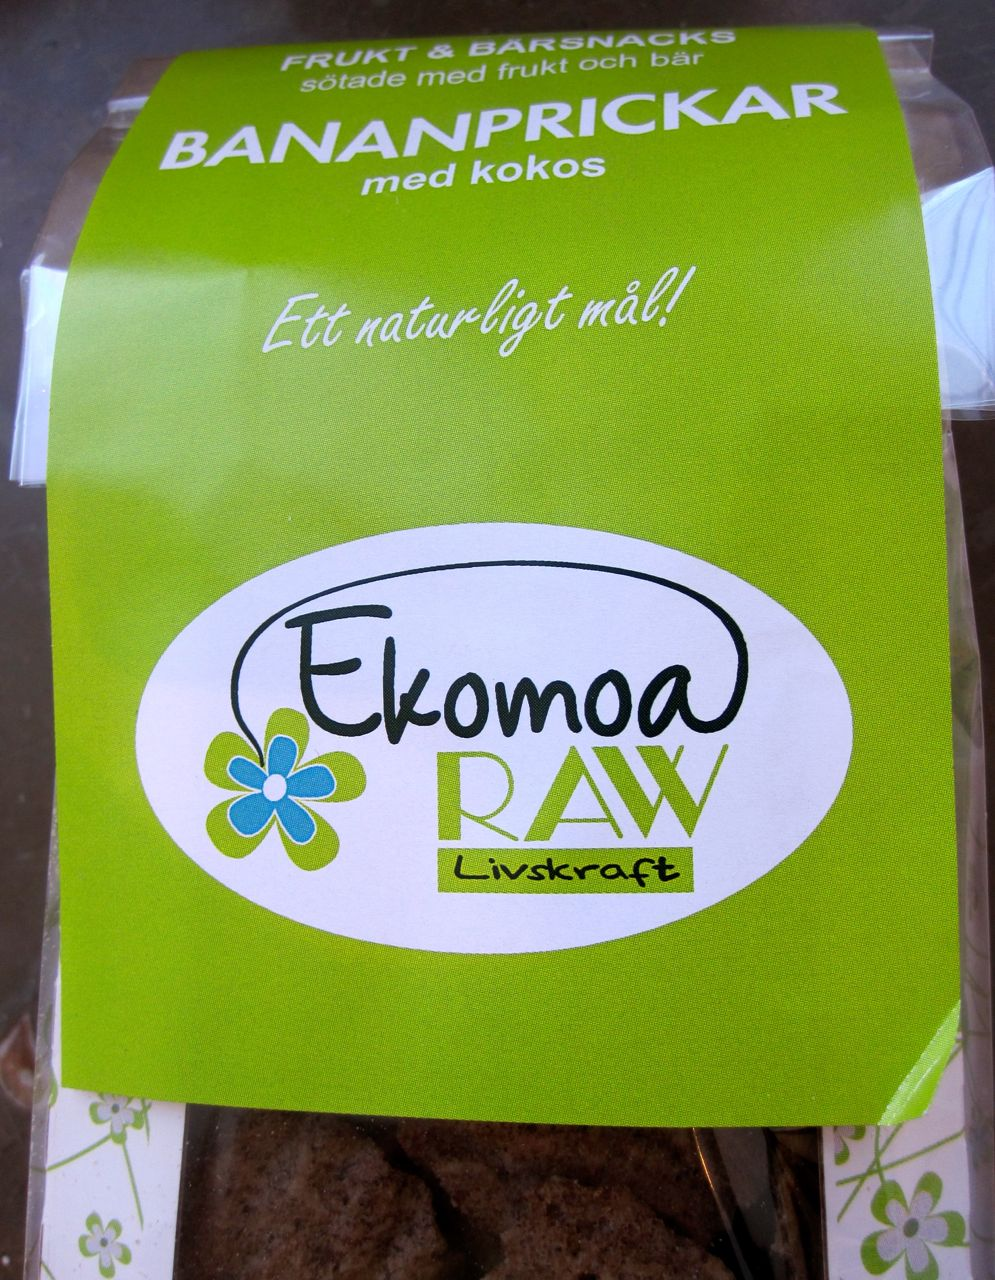 Eko raw banan